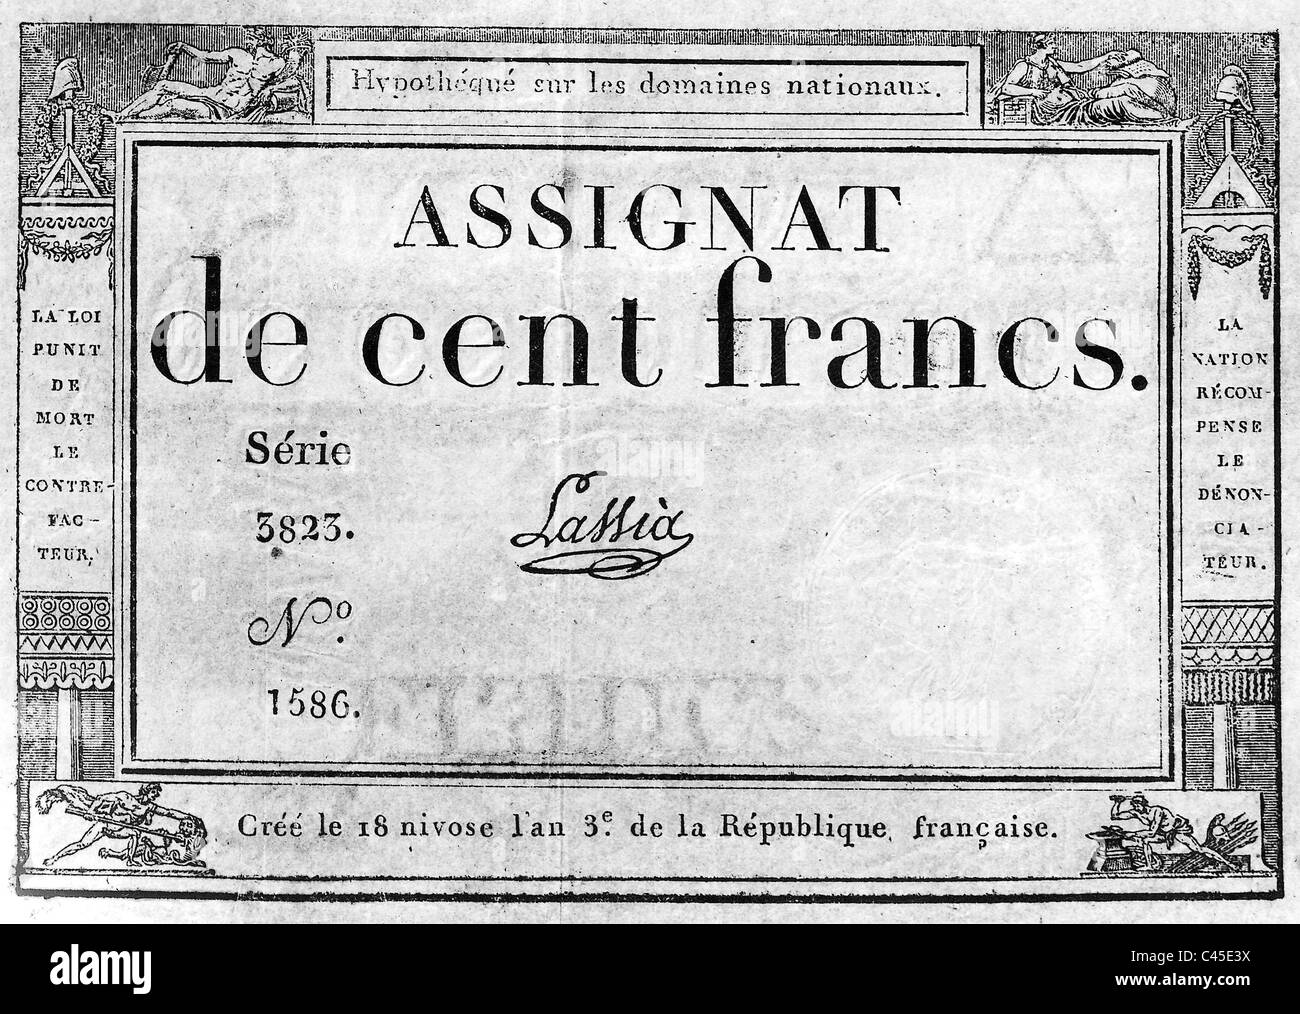 Assignat of 100 Francs - Stock Image